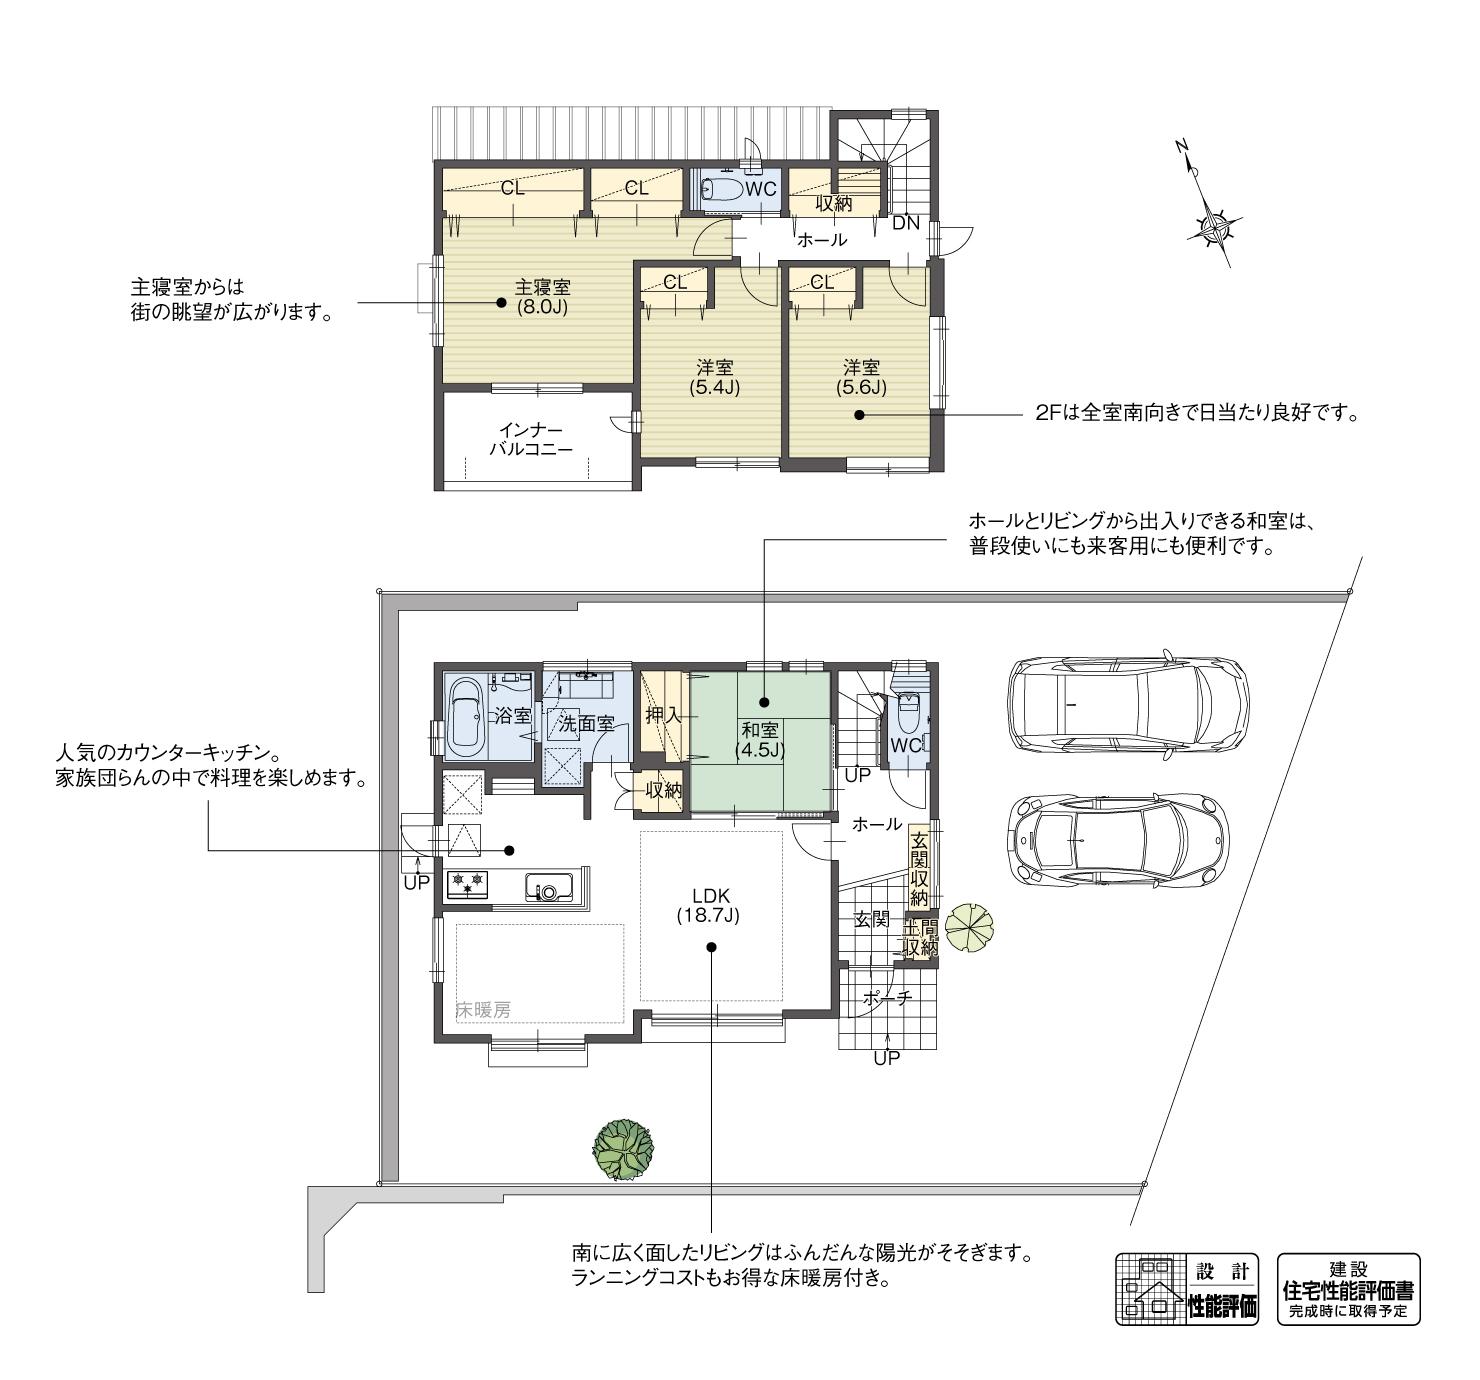 5_間取図_planA-9_CH緑の丘(吉根)